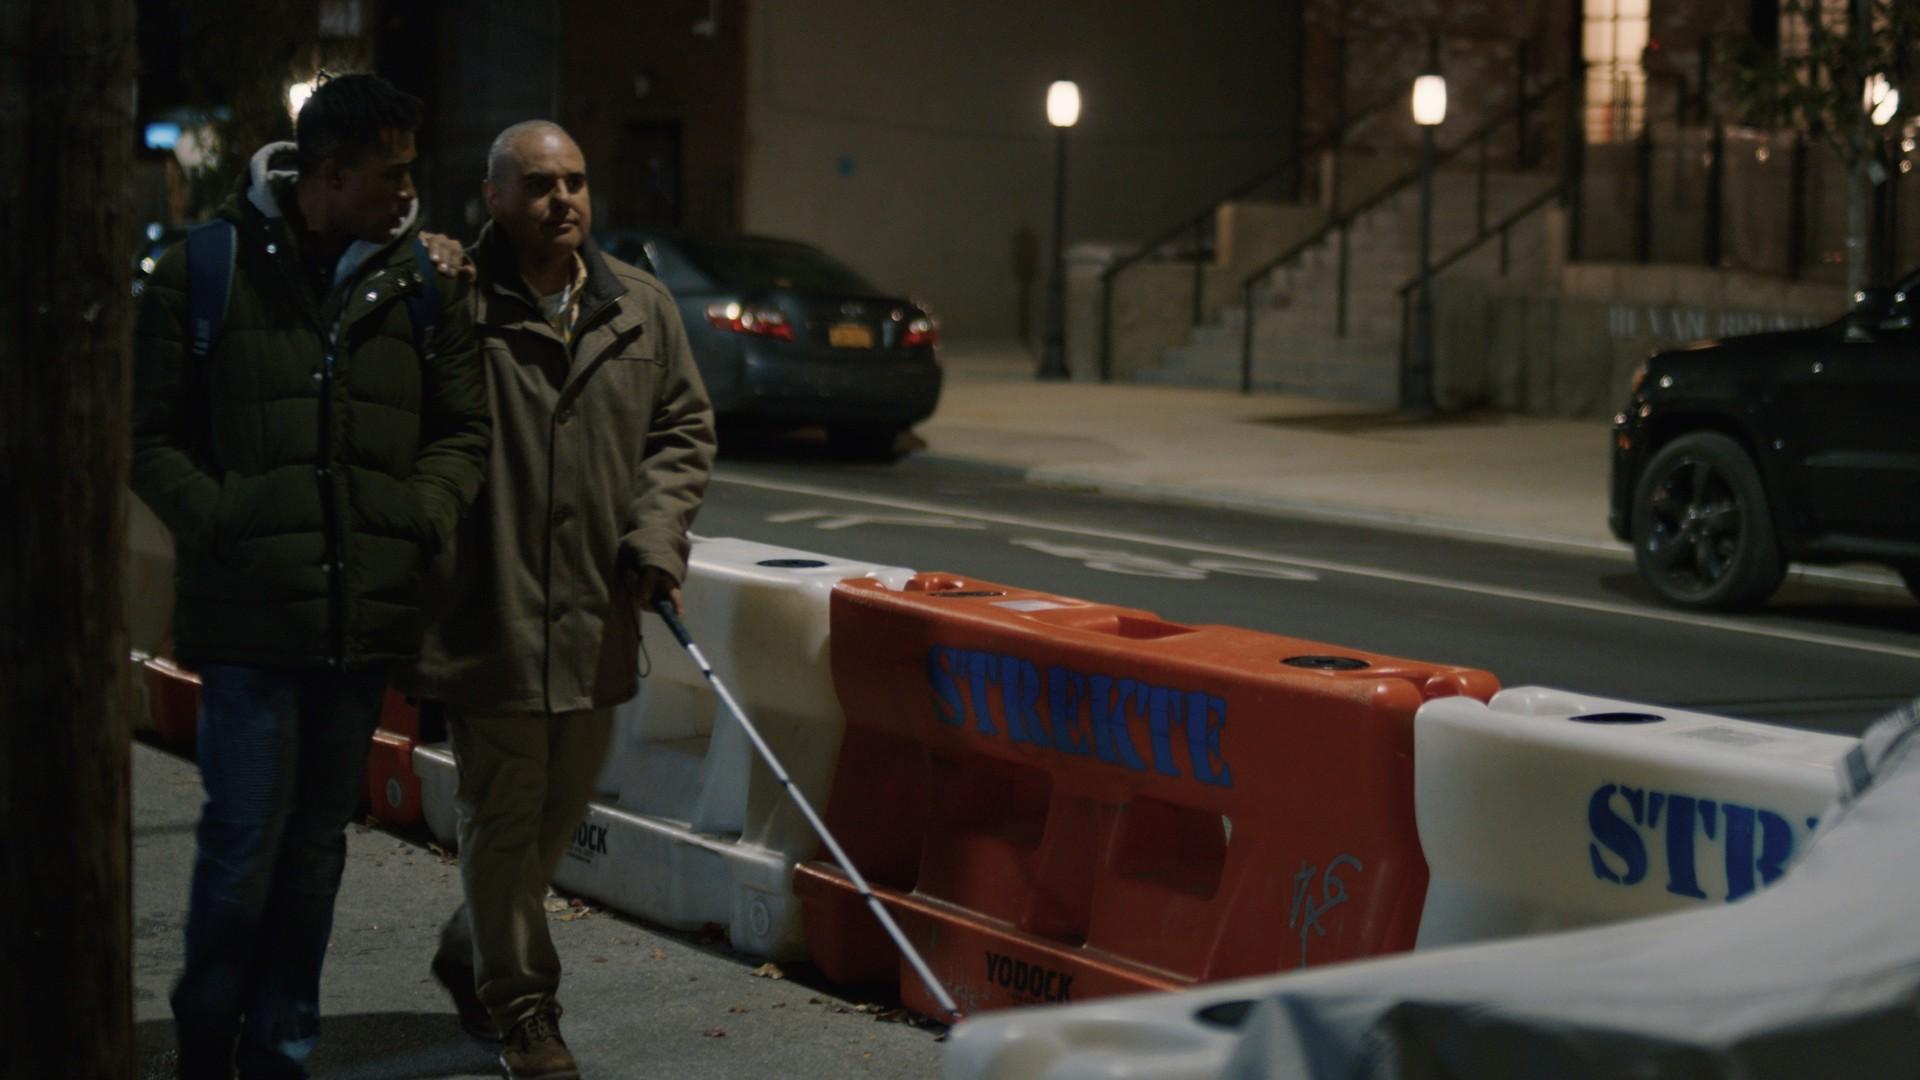 Cena do curta Feeling Through. Nela, vemos Terek e Artie andando de braços dados numa rua. Artie, um homem branco, careca, cego e surdo, segura Terek, jovem negro, no braço. Está de noite, Artie guia sua longa bengala branca. Ao lado deles, na rua, vemos objetos laranjas e brancos separando a rua da calçada.